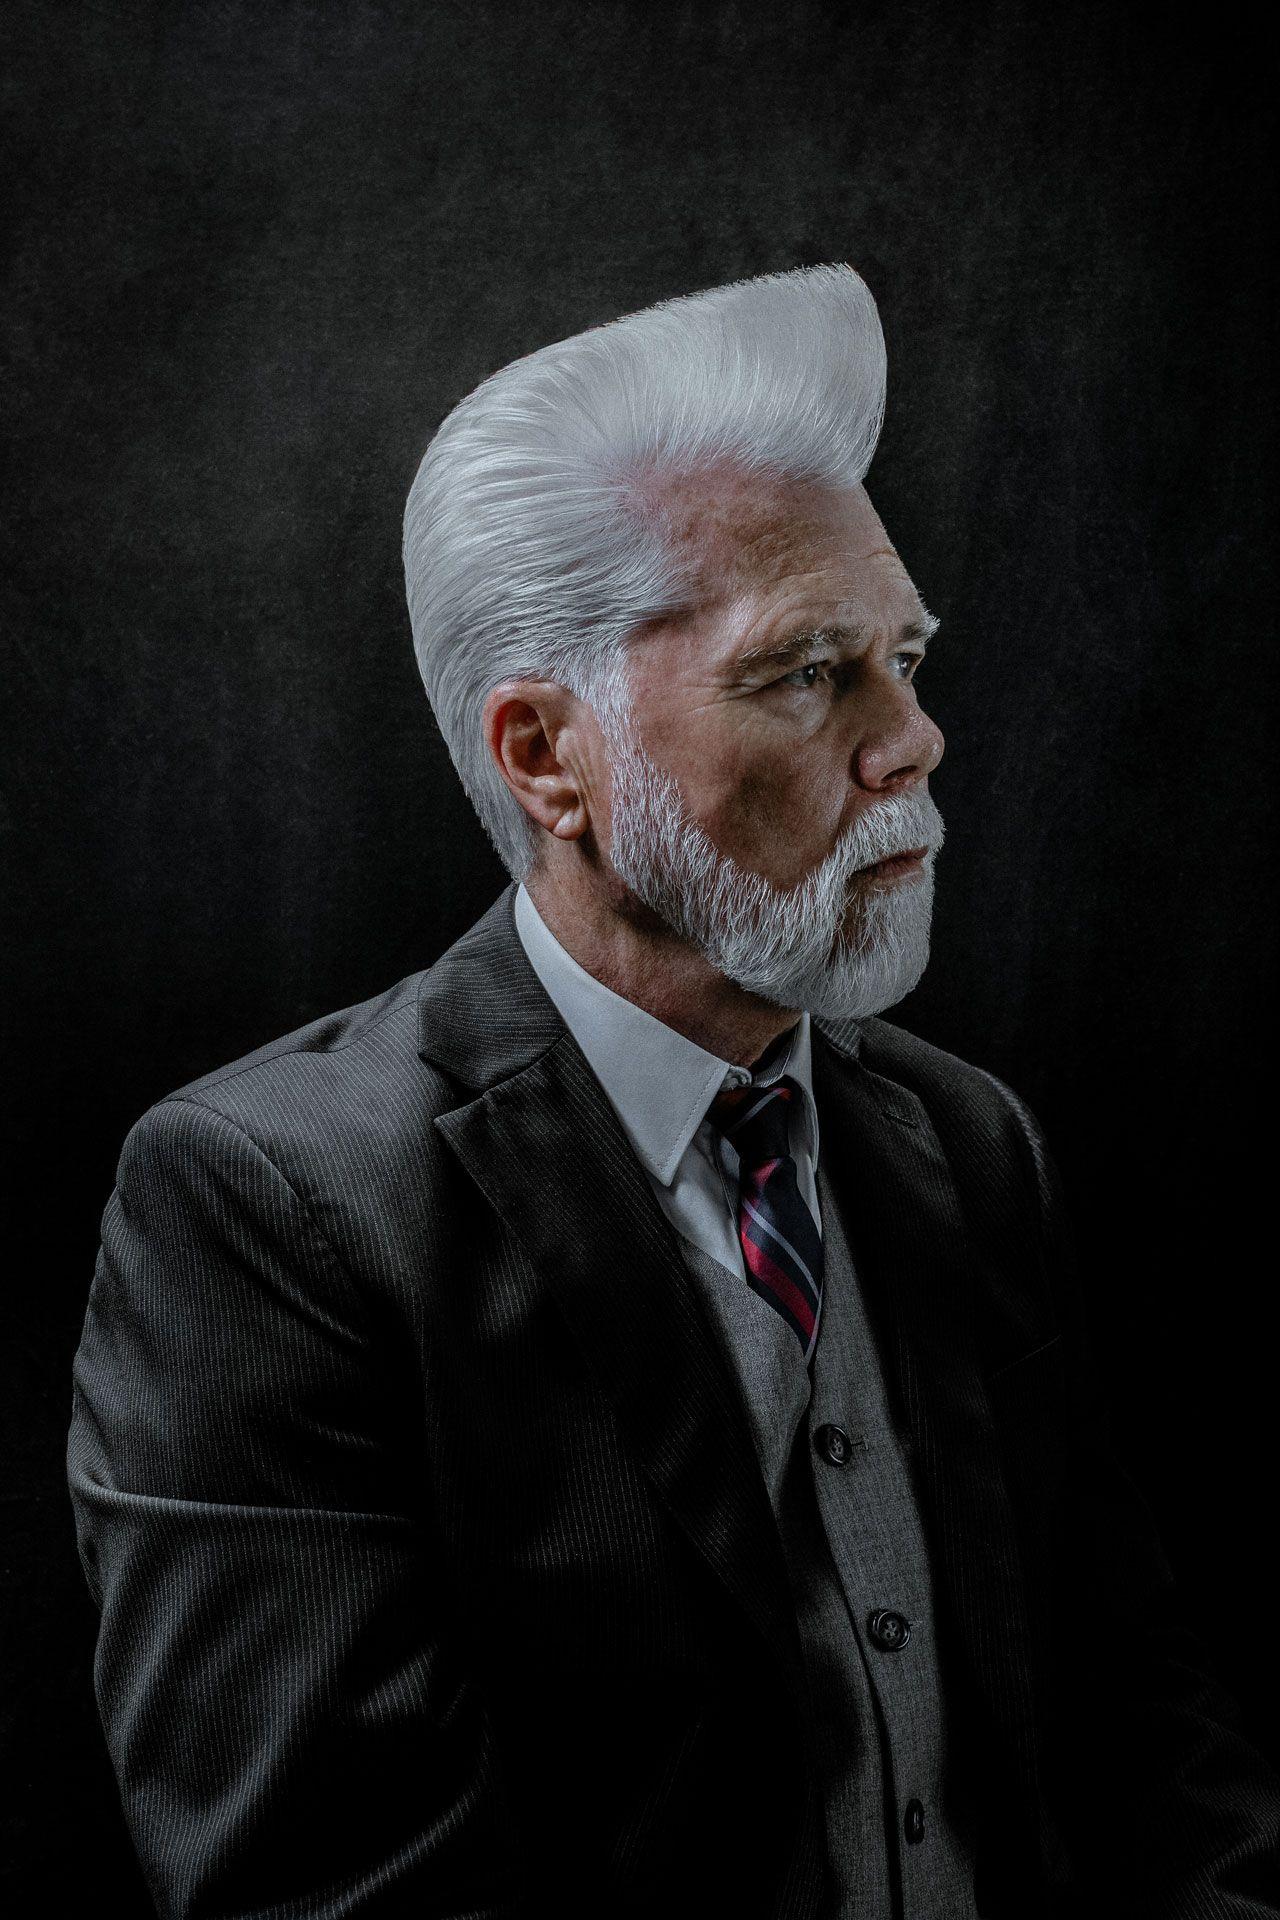 Graue frisur haare mann Graue Haare